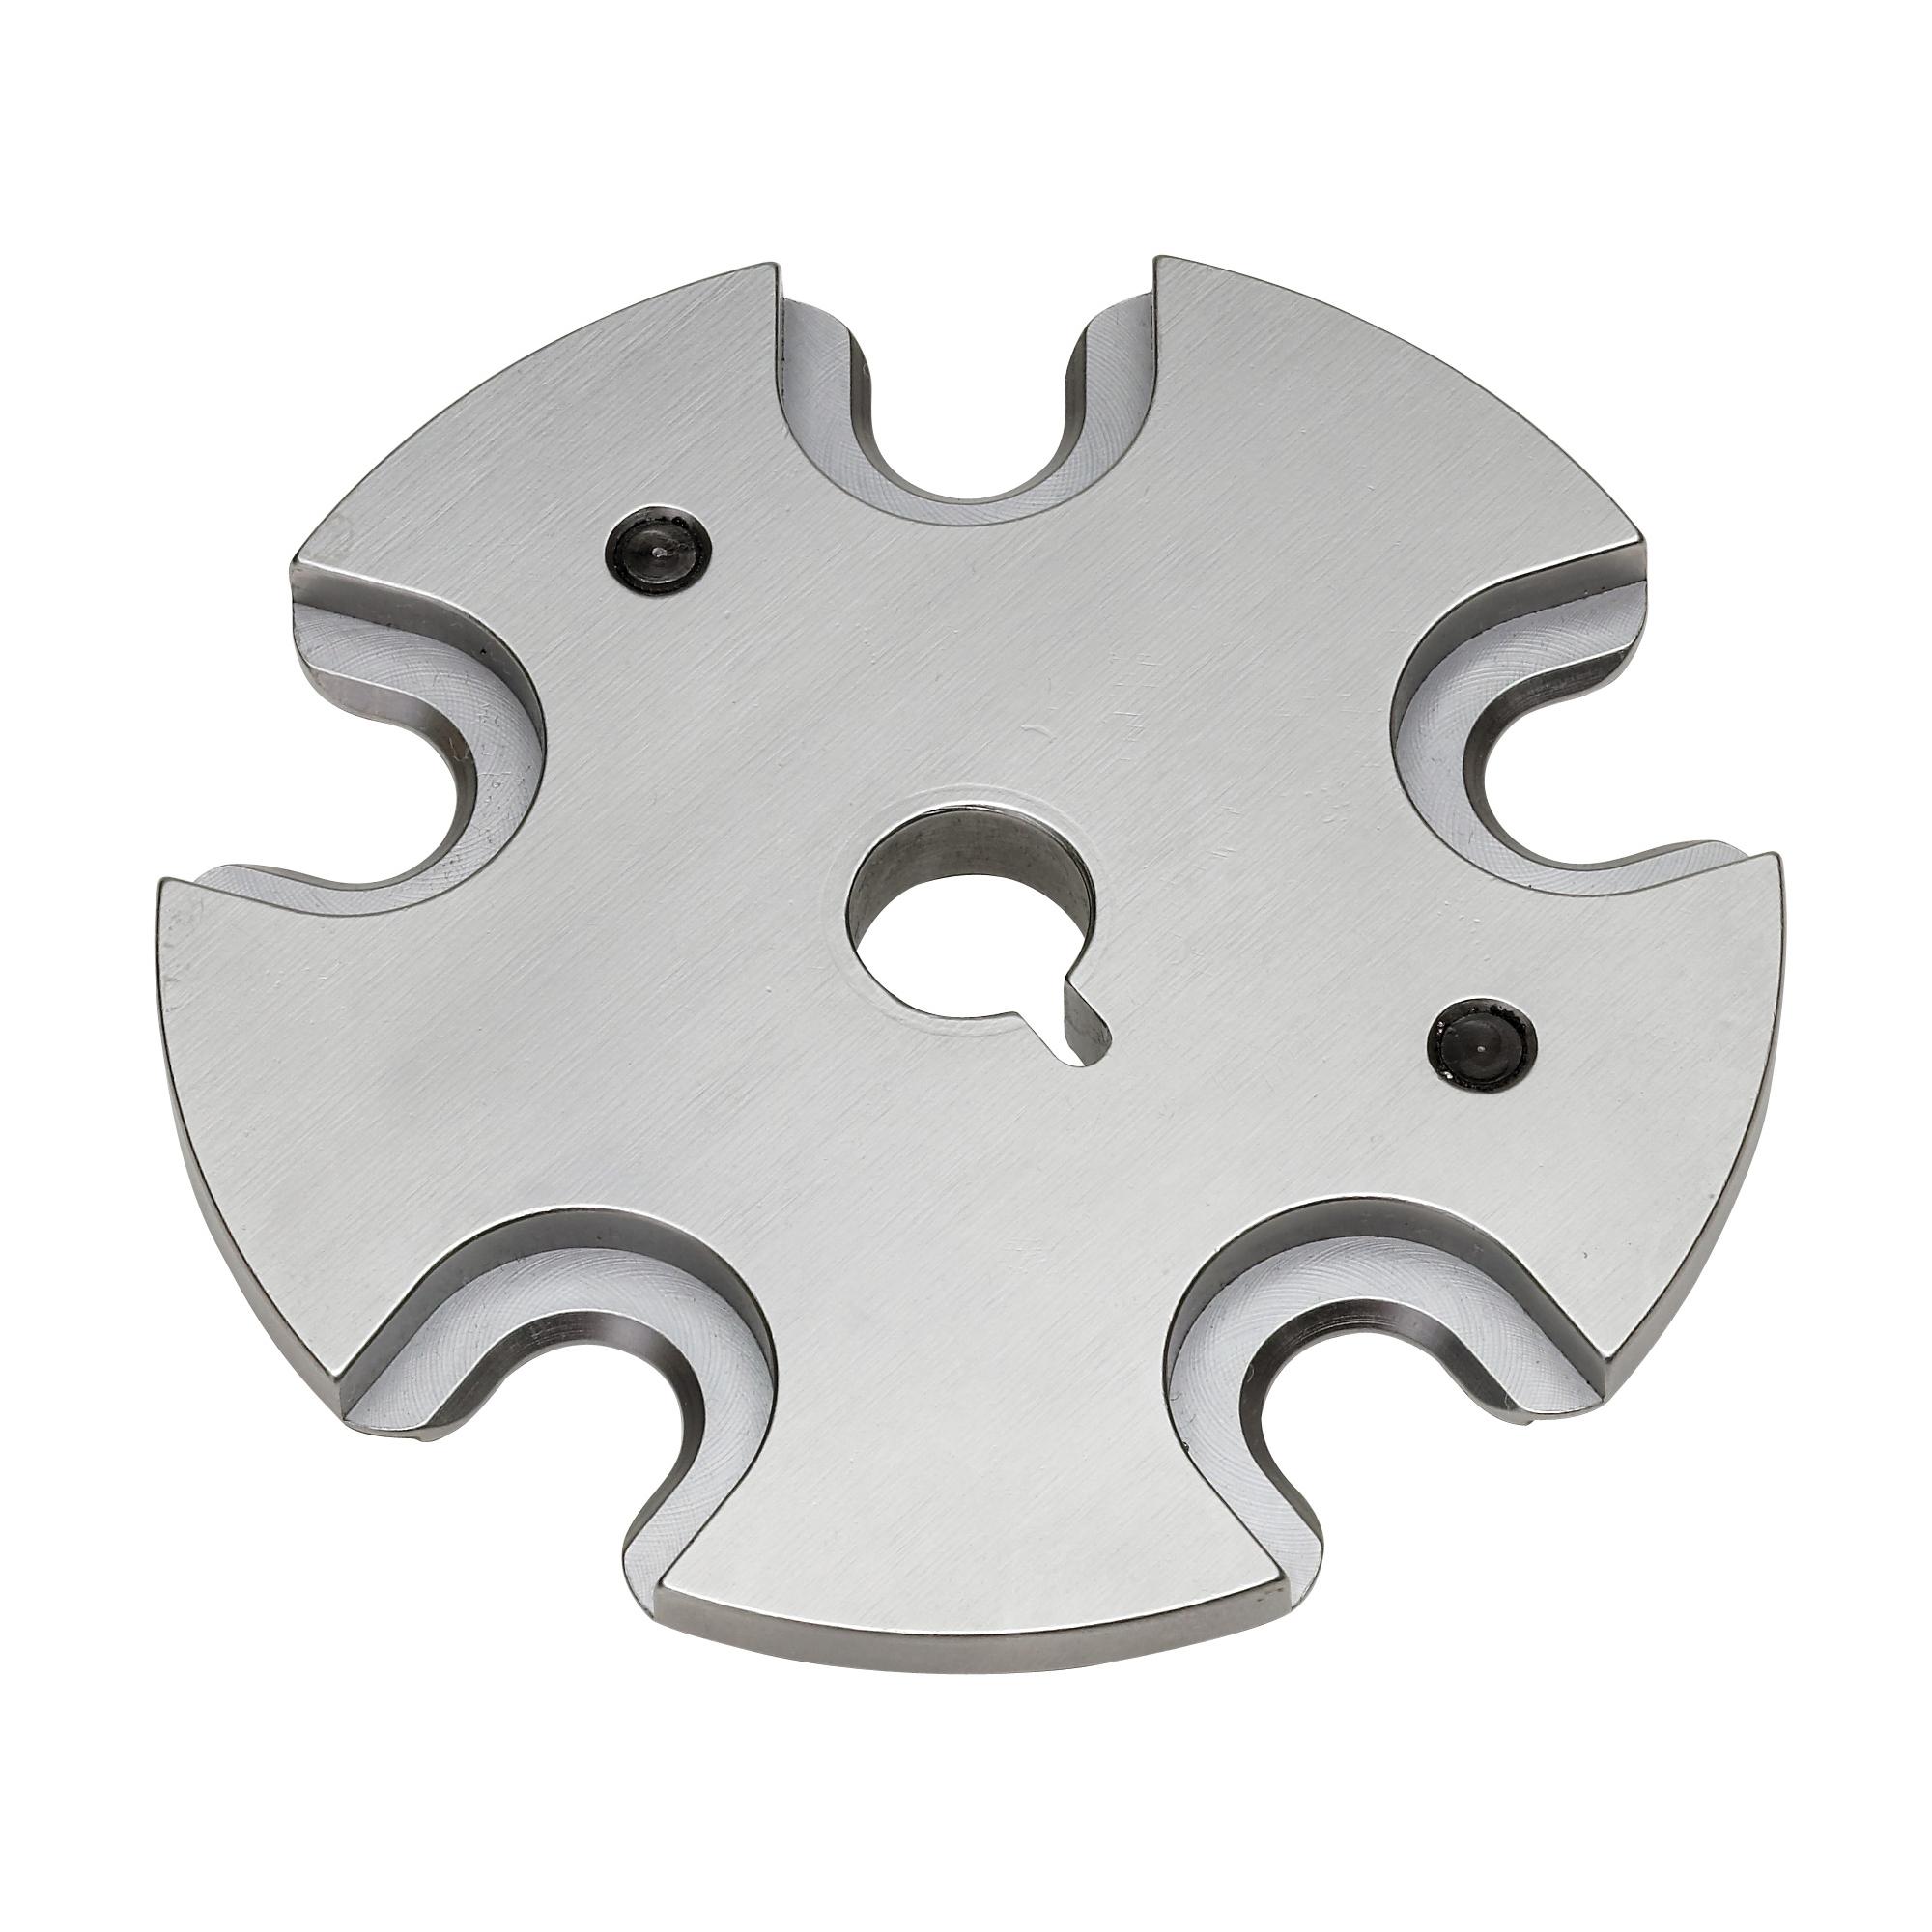 Hrndy Shell Plate #8 Lnl Ap & Proj